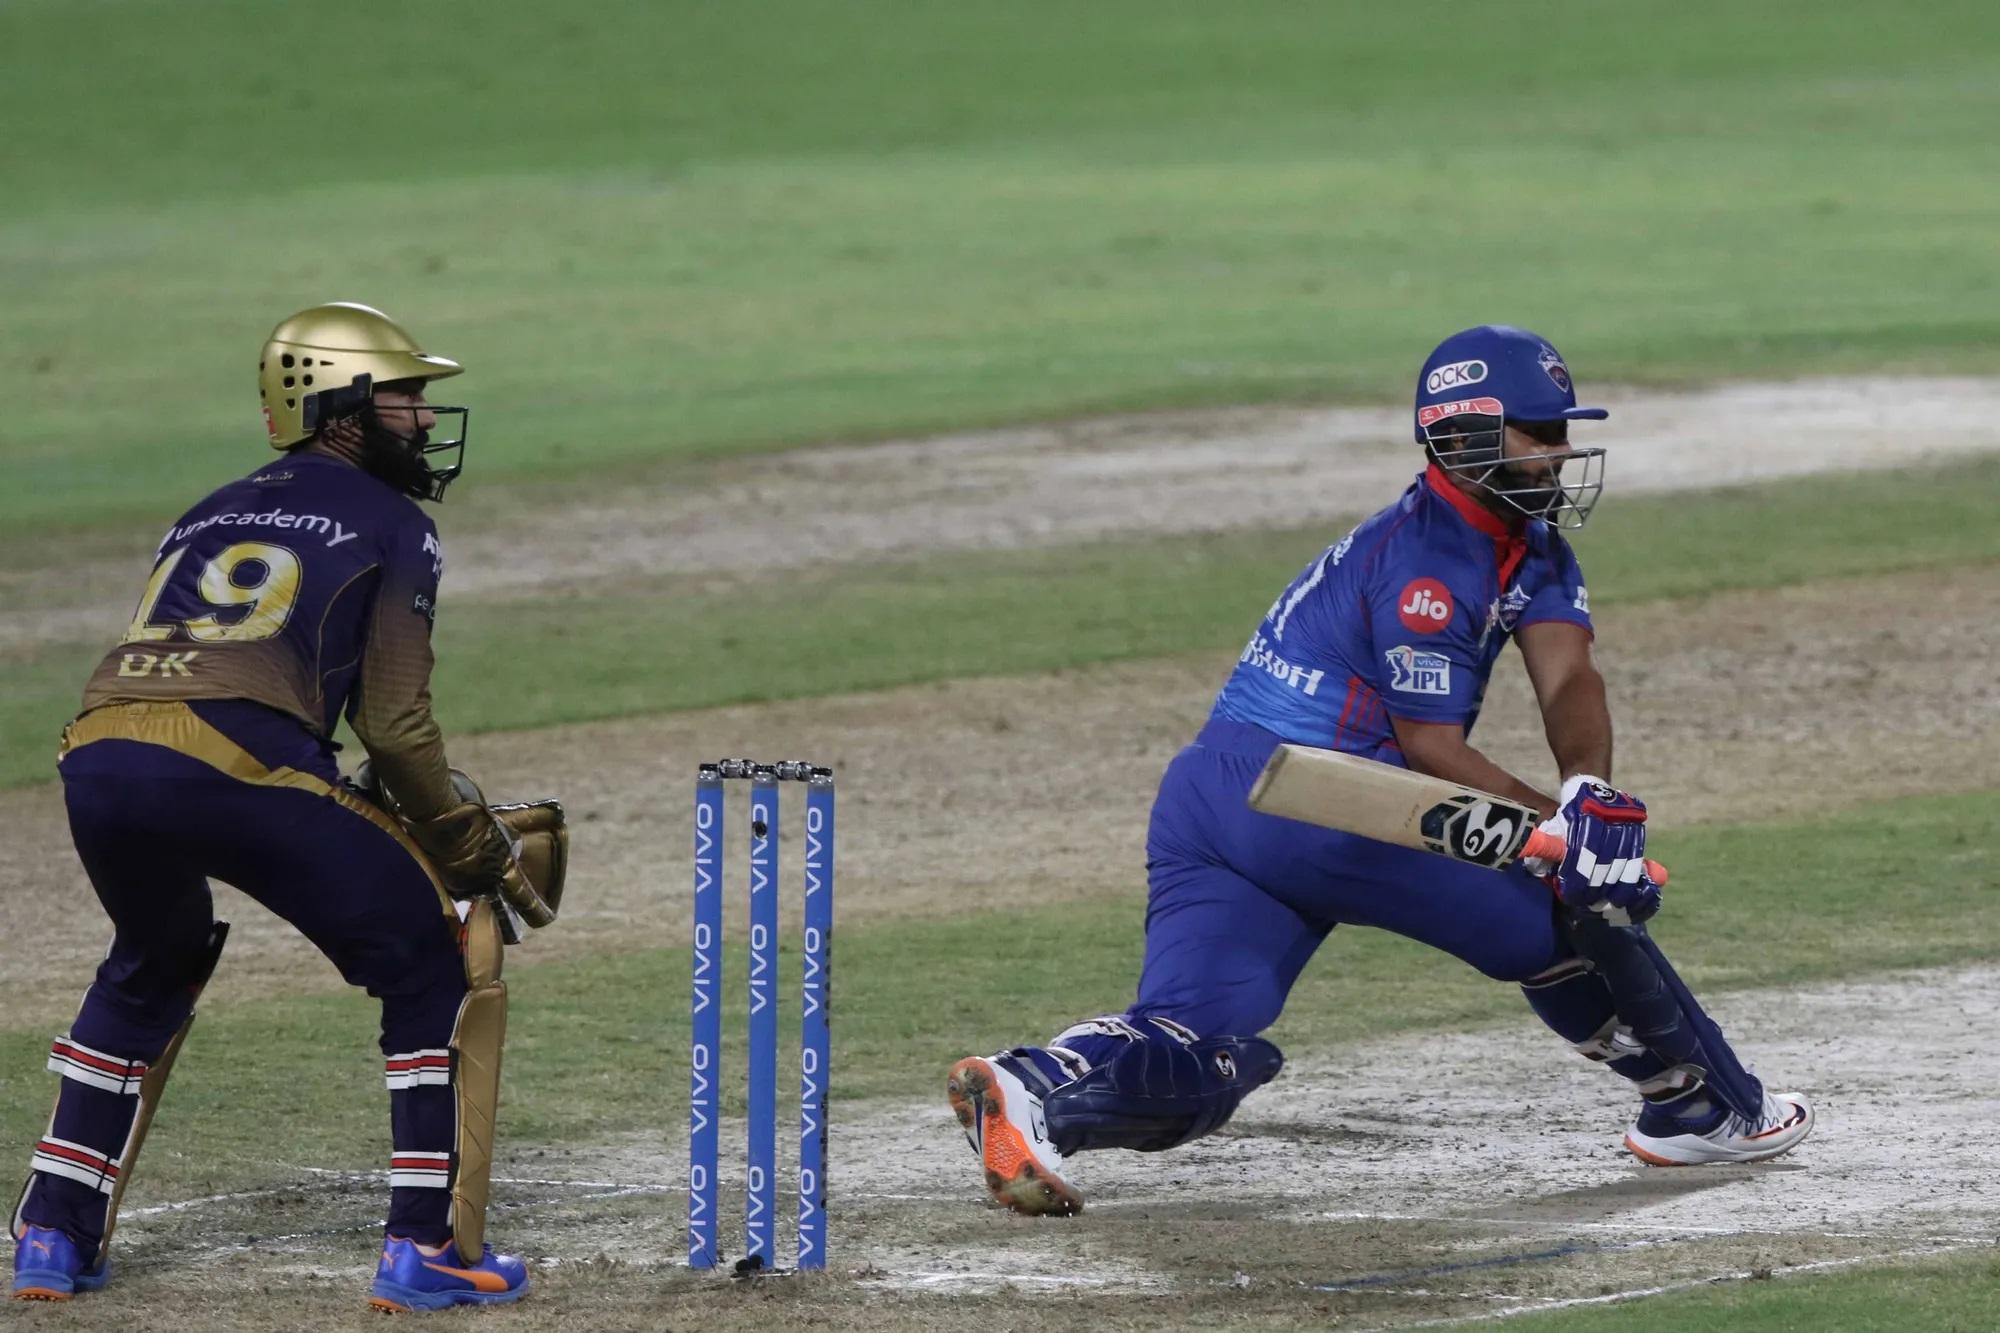 इसी कोशिश में बेकरार पंत भी 6 गेंद पर 6 रन बनाकर आउट हो गए। वह एक आसान सा कैच थमाकर वापस लौट गए। बस यही से पंत के चेहरे पर निराशा साफ झलकने लगी।